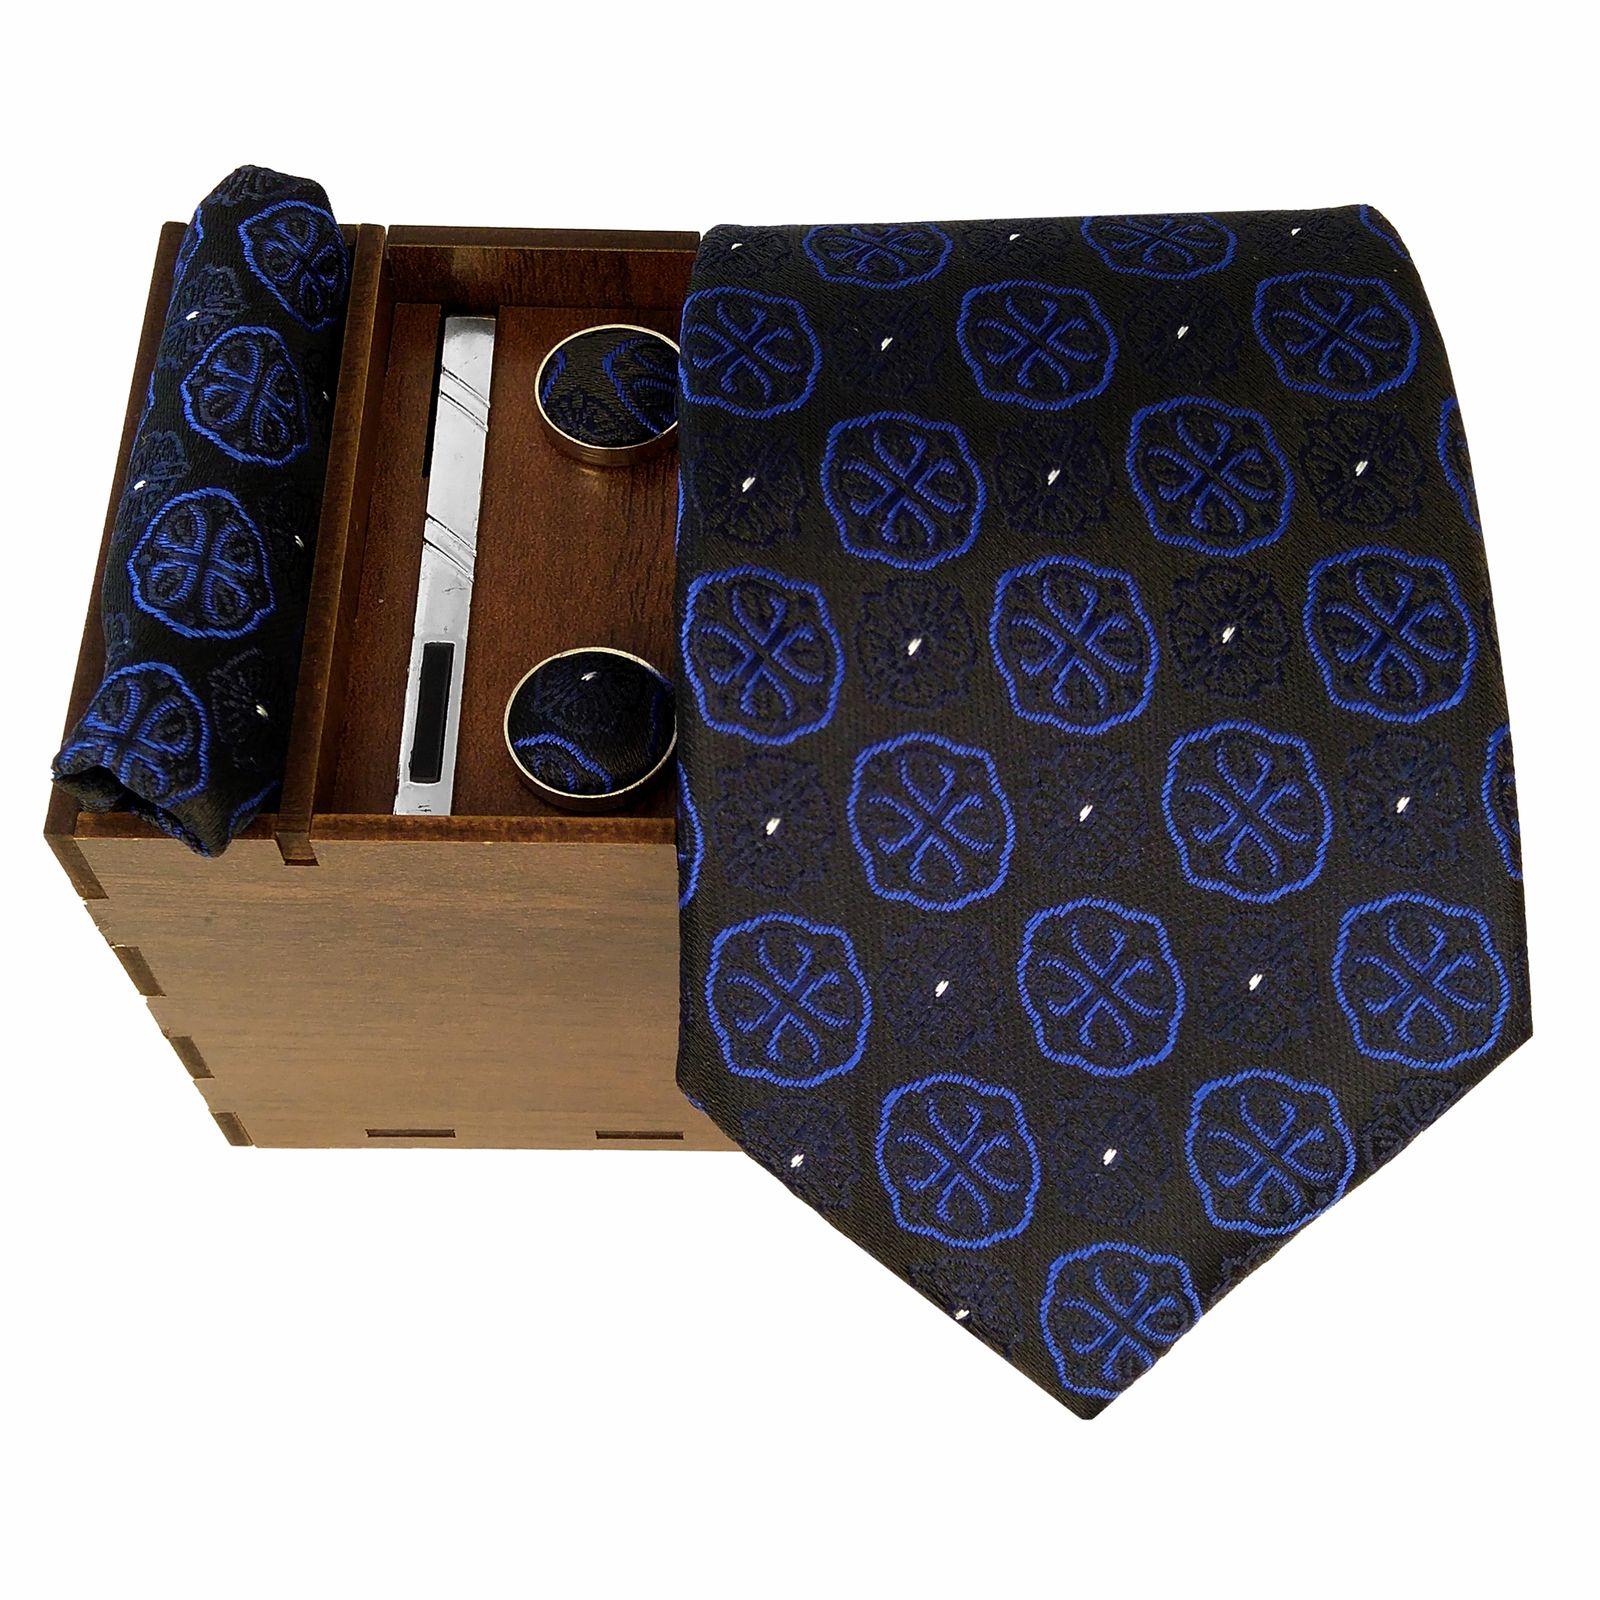 ست کراوات و دستمال جیب و دکمه سر دست مردانه کد 438 -  - 2